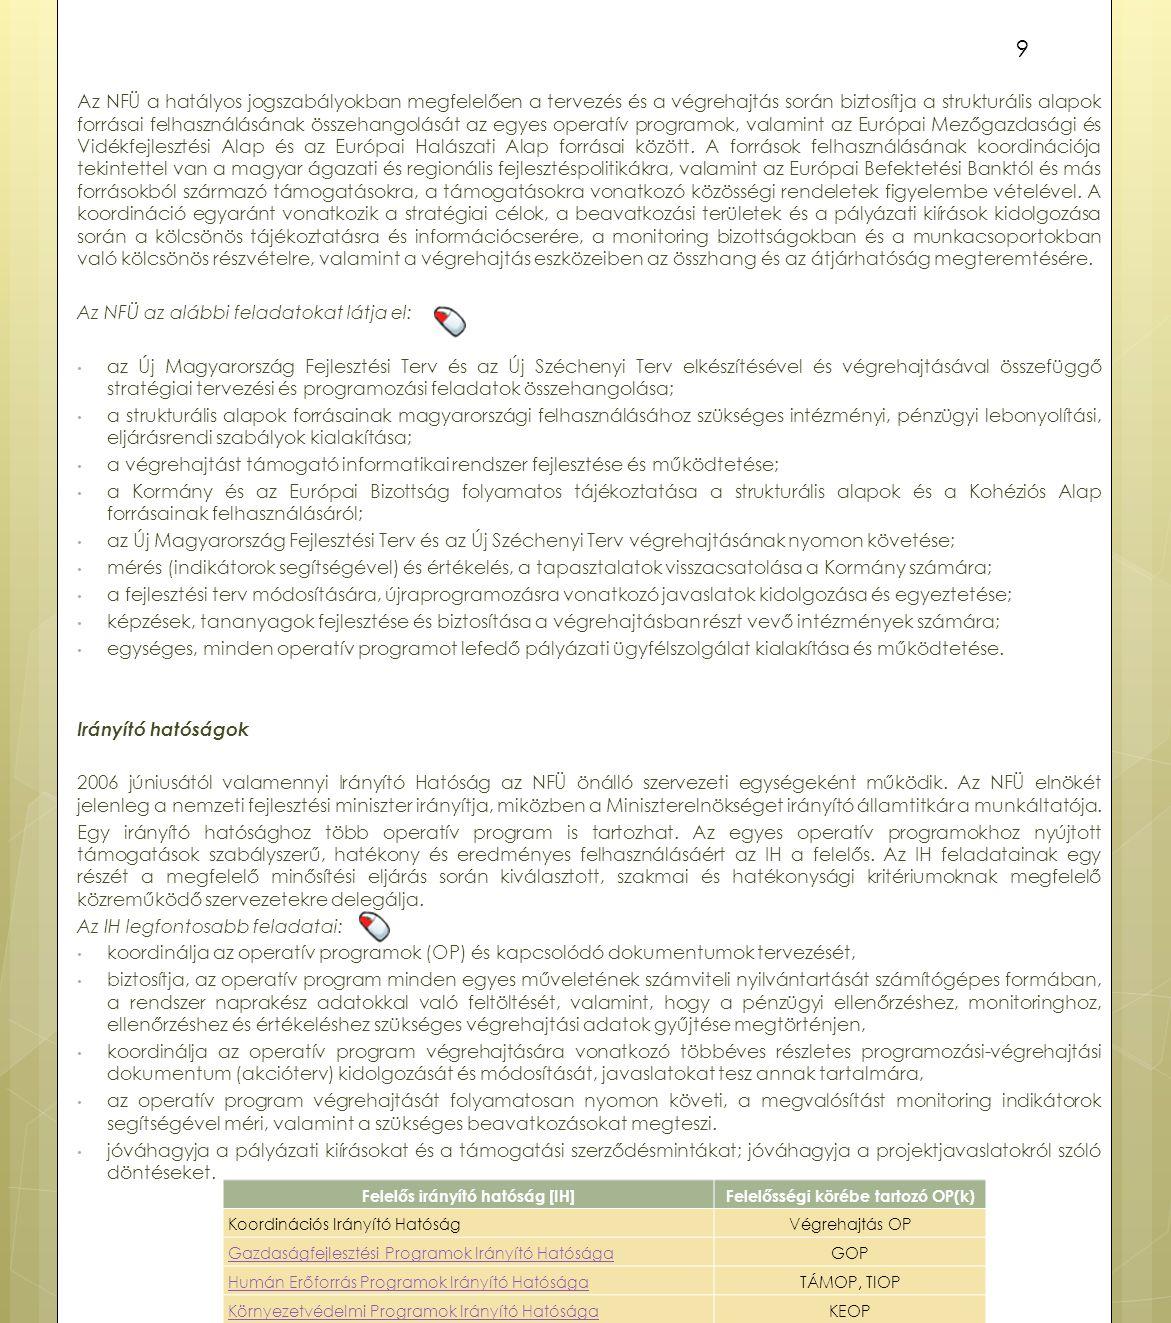 Felelős irányító hatóság [IH] Felelősségi körébe tartozó OP(k)